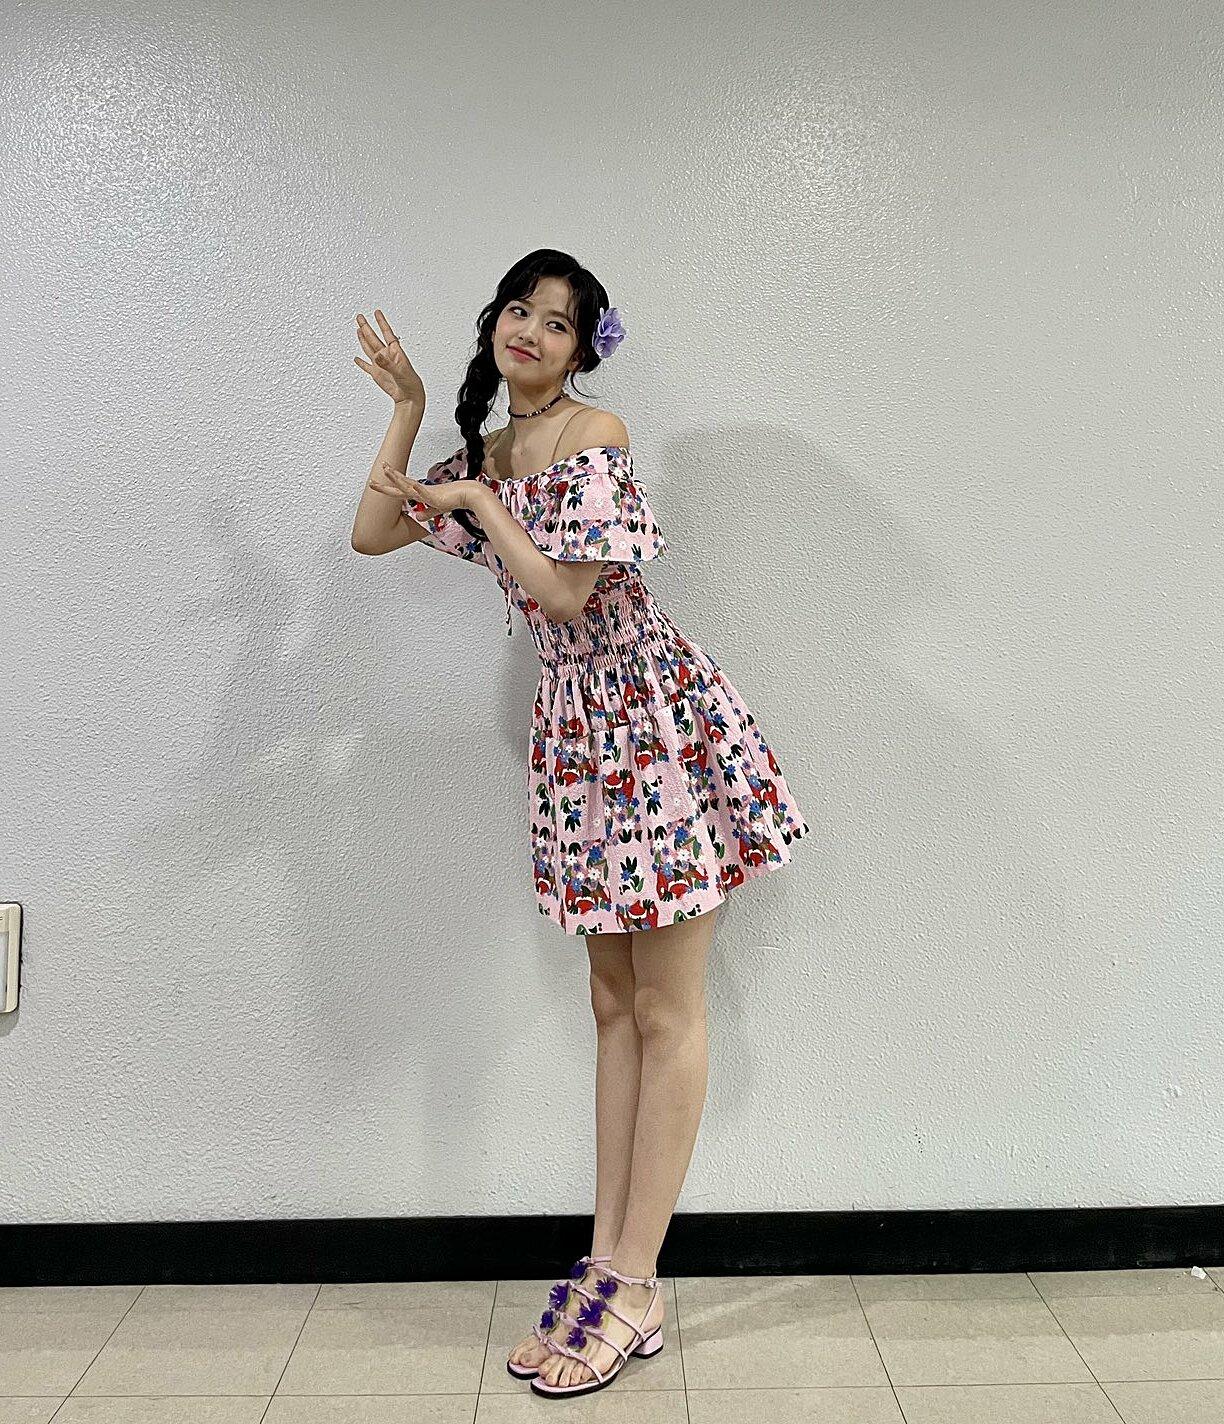 Ahn Yu Jin ngọt ngào và sống động như một ly nước hoa quả ngày hè khi mặc bộ đầm có họa tiết nhiệt đới.